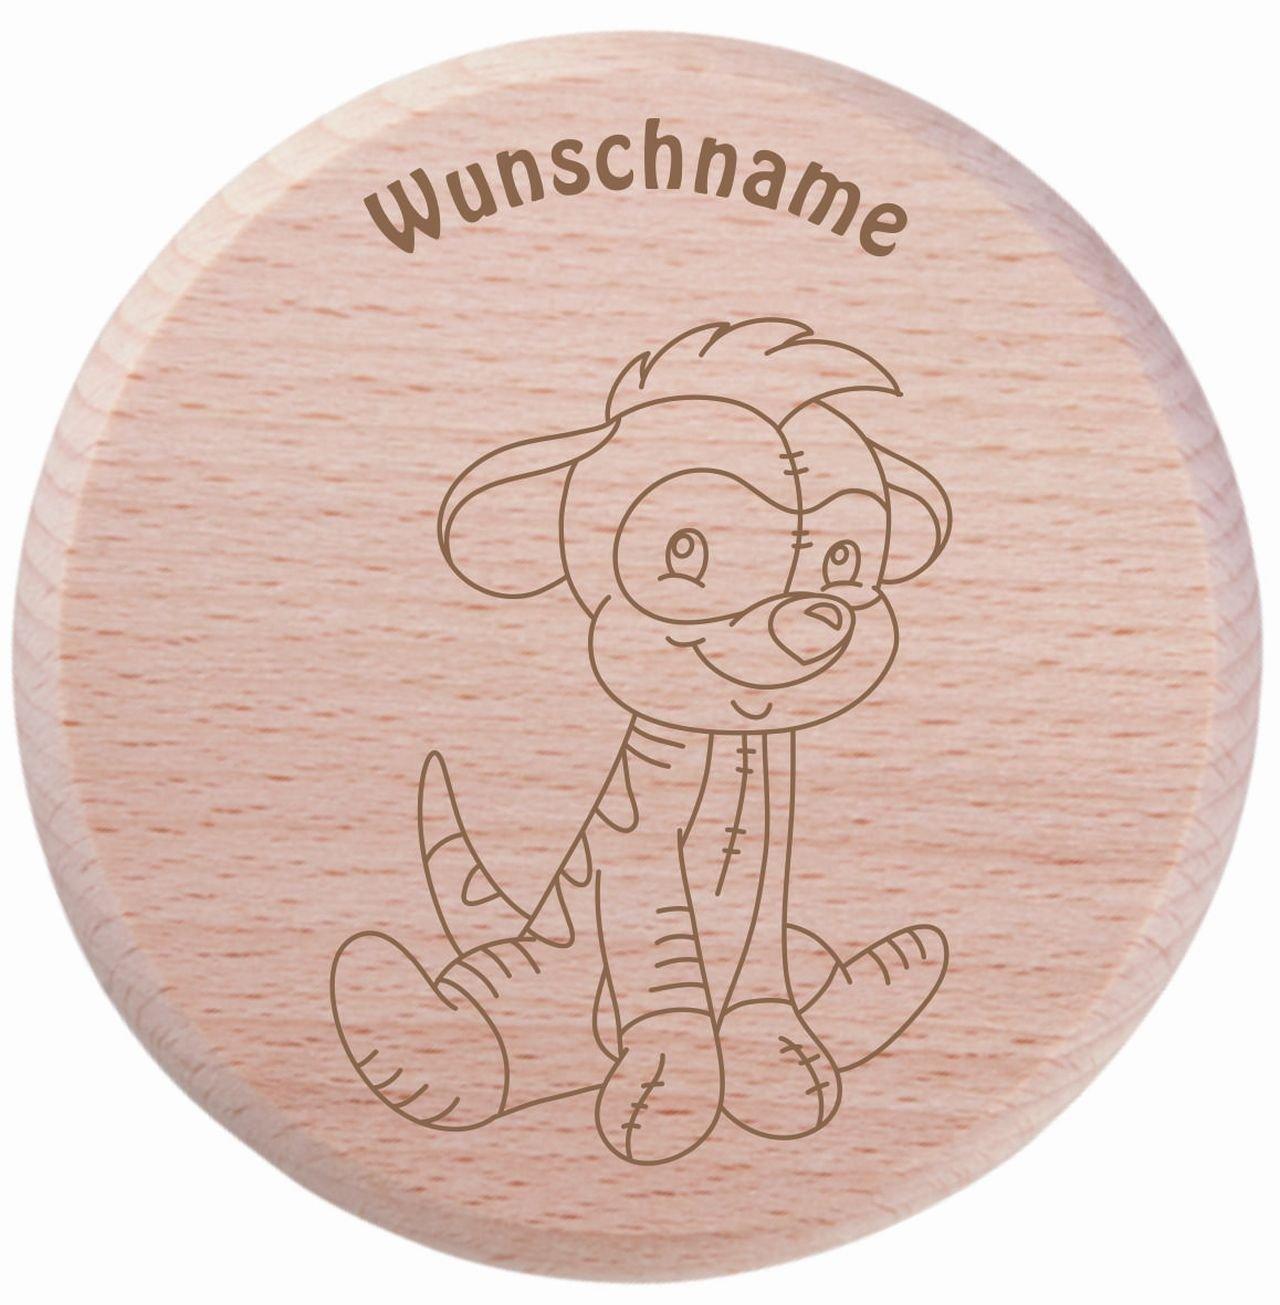 Farbklecks Collection - Trinkglas Deckel - Erdmännchen Motiv 4 - personalisierbar mit Namensgravur - Schutzdeckel - Glasdeckel - Insektendeckel - Insektenschutzdeckel - Glasabdeckung